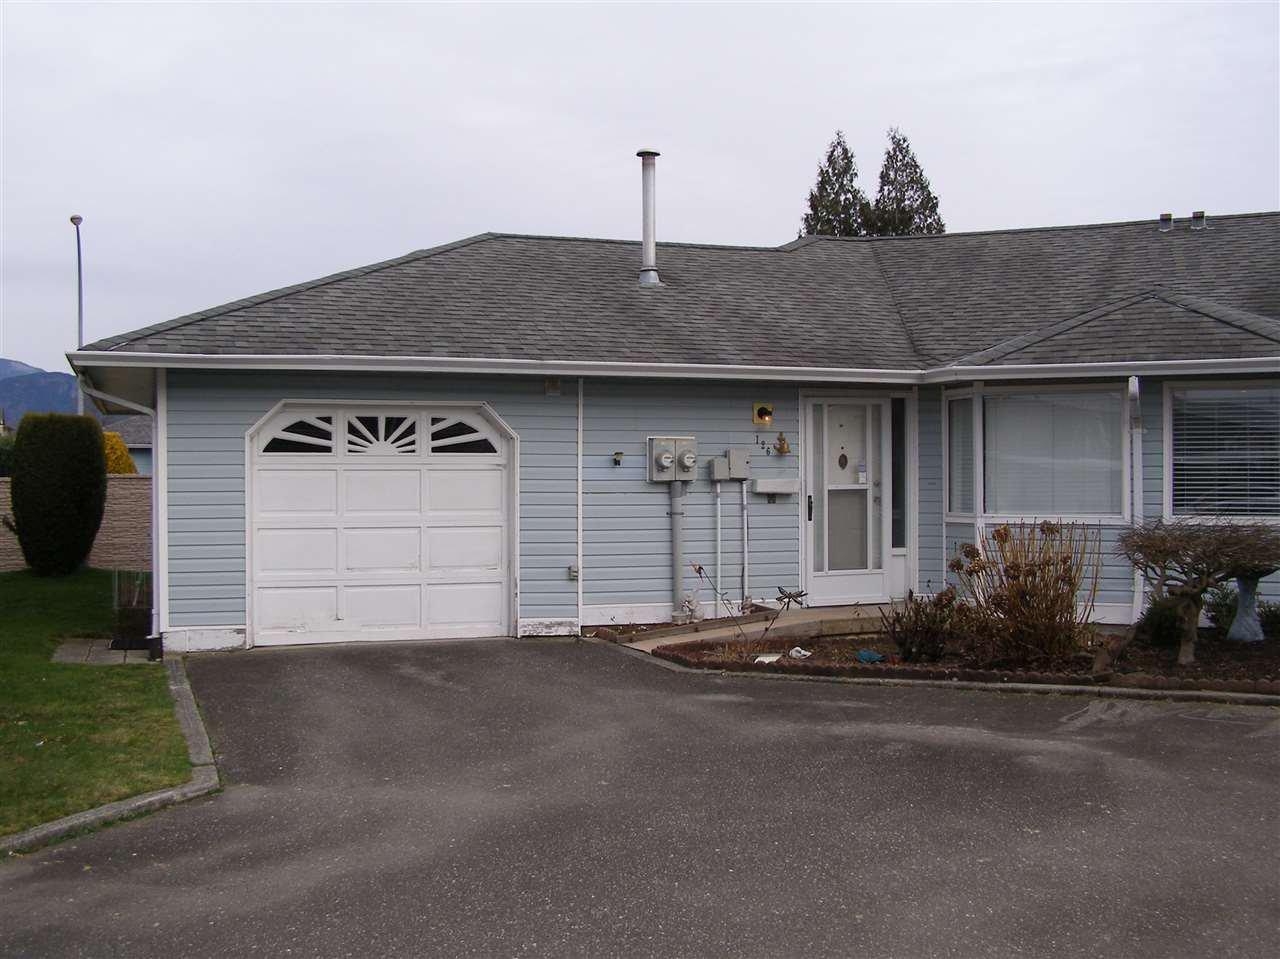 """Main Photo: 126 7610 EVANS Road in Chilliwack: Sardis West Vedder Rd House 1/2 Duplex for sale in """"COTTONWOOD REITREMENT VILLAGE"""" (Sardis)  : MLS®# R2330361"""